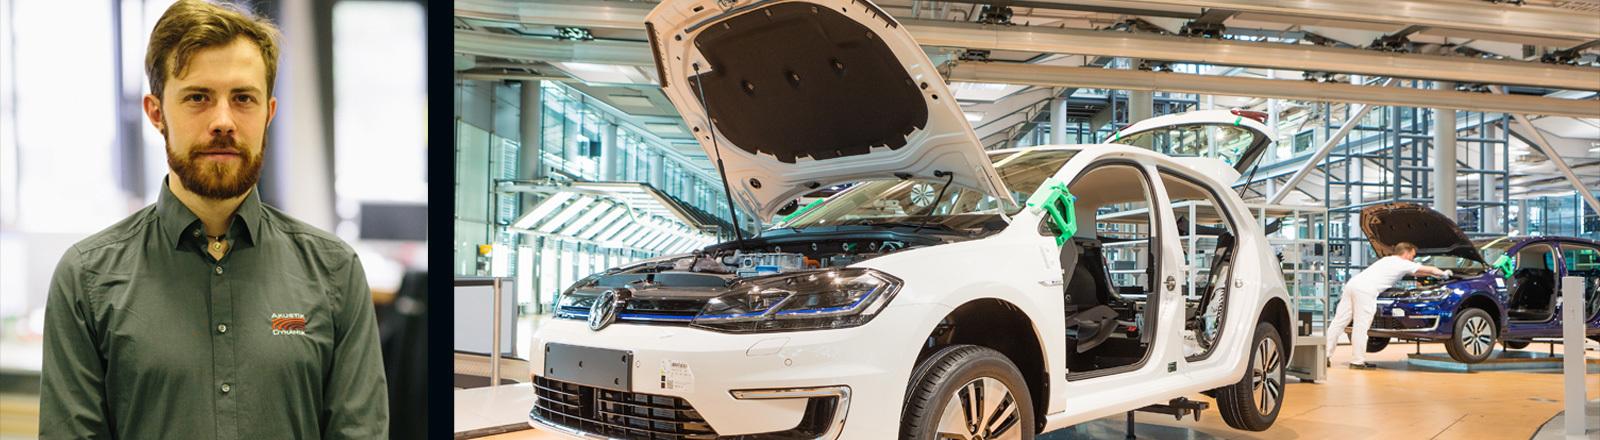 Daniel Trojer ist Akustikingenieur und designet die Akustik von Elektroautos.